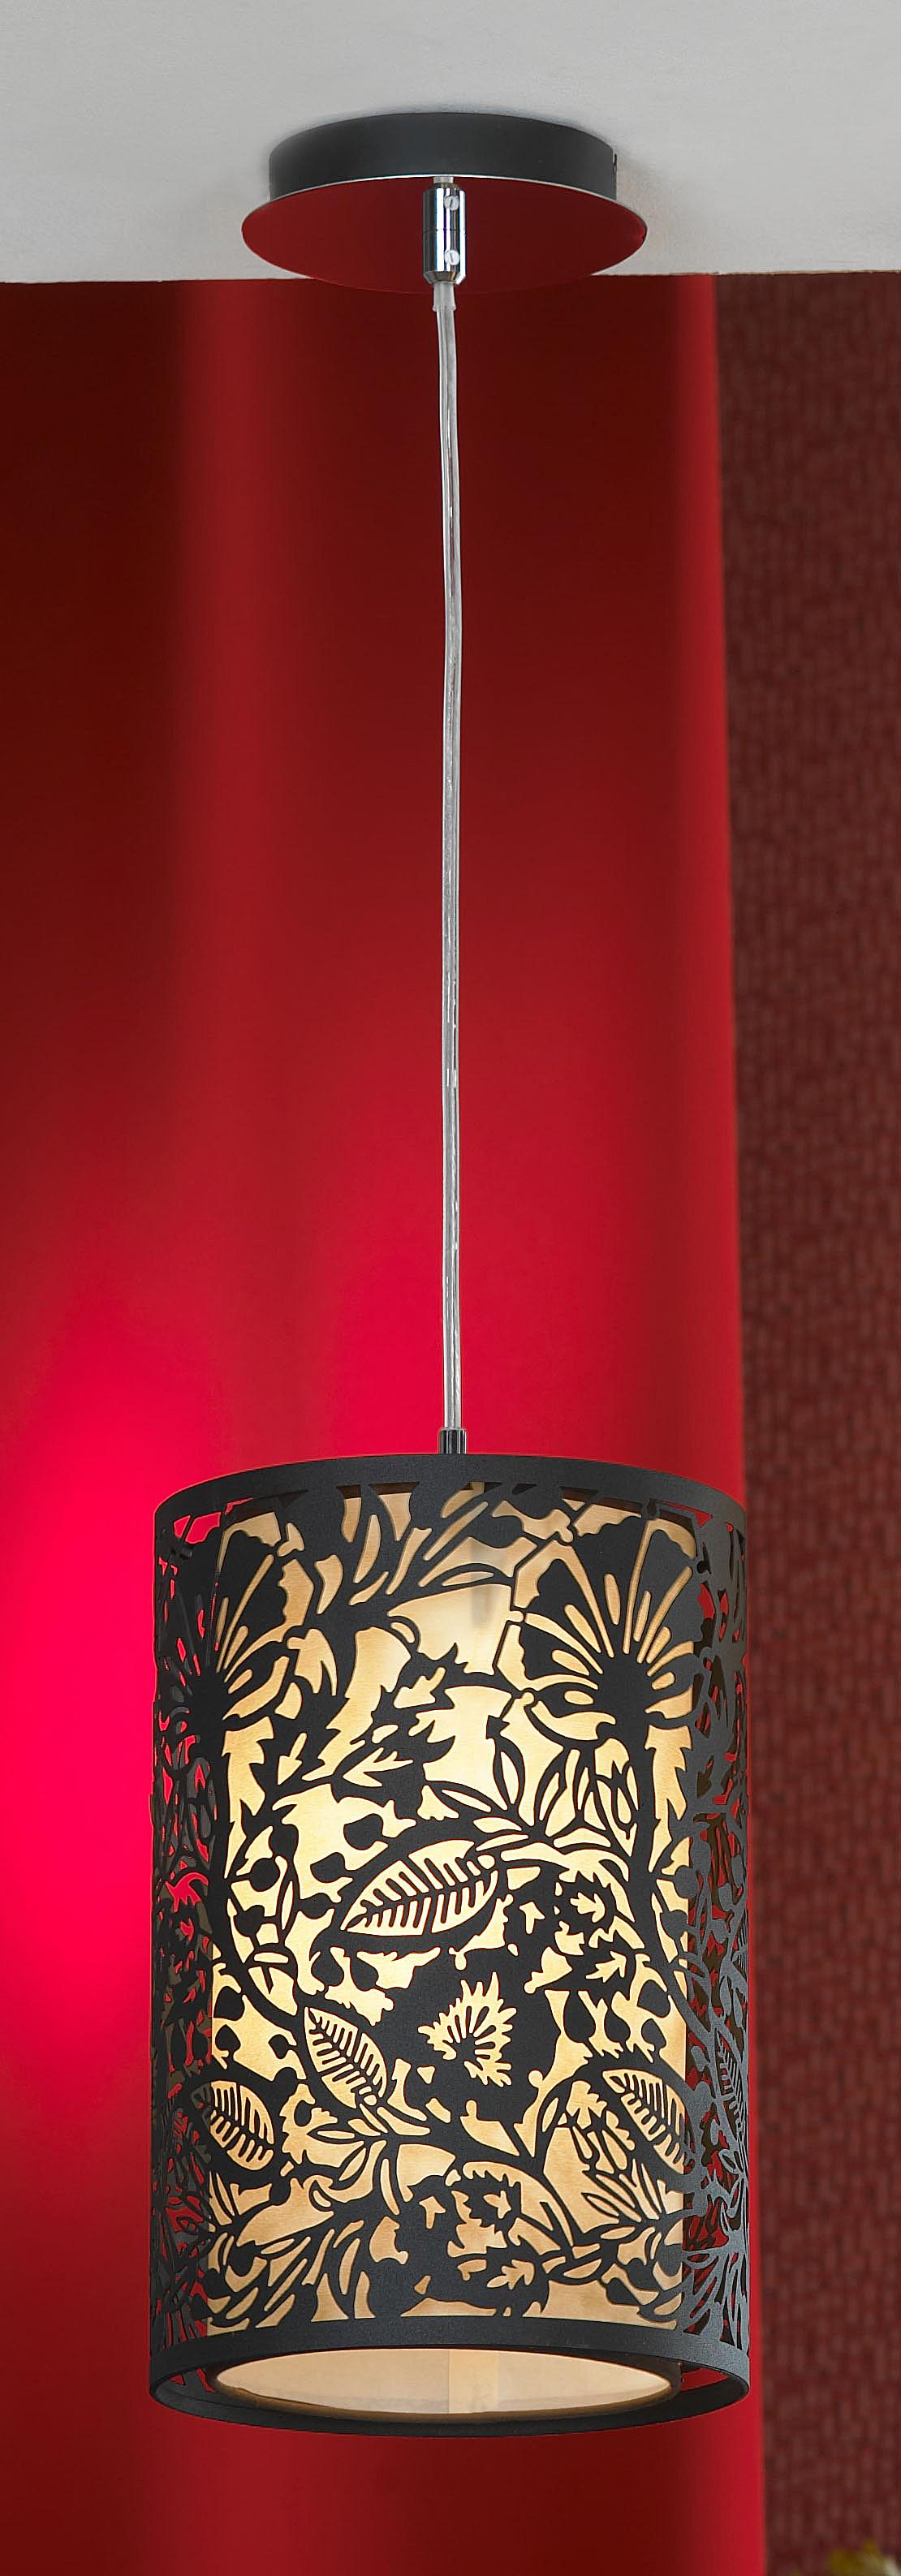 Подвесной  потолочный светильник LSF-2386-01 Lussoleподвесные<br>LSF-2386-01. Бренд - Lussole. материал плафона - стекло. цвет плафона - черный. тип цоколя - E27. тип лампы - накаливания или LED. ширина/диаметр - 200. мощность - 60. количество ламп - 1.<br><br>популярные производители: Lussole<br>материал плафона: стекло<br>цвет плафона: черный<br>тип цоколя: E27<br>тип лампы: накаливания или LED<br>ширина/диаметр: 200<br>максимальная мощность лампочки: 60<br>количество лампочек: 1